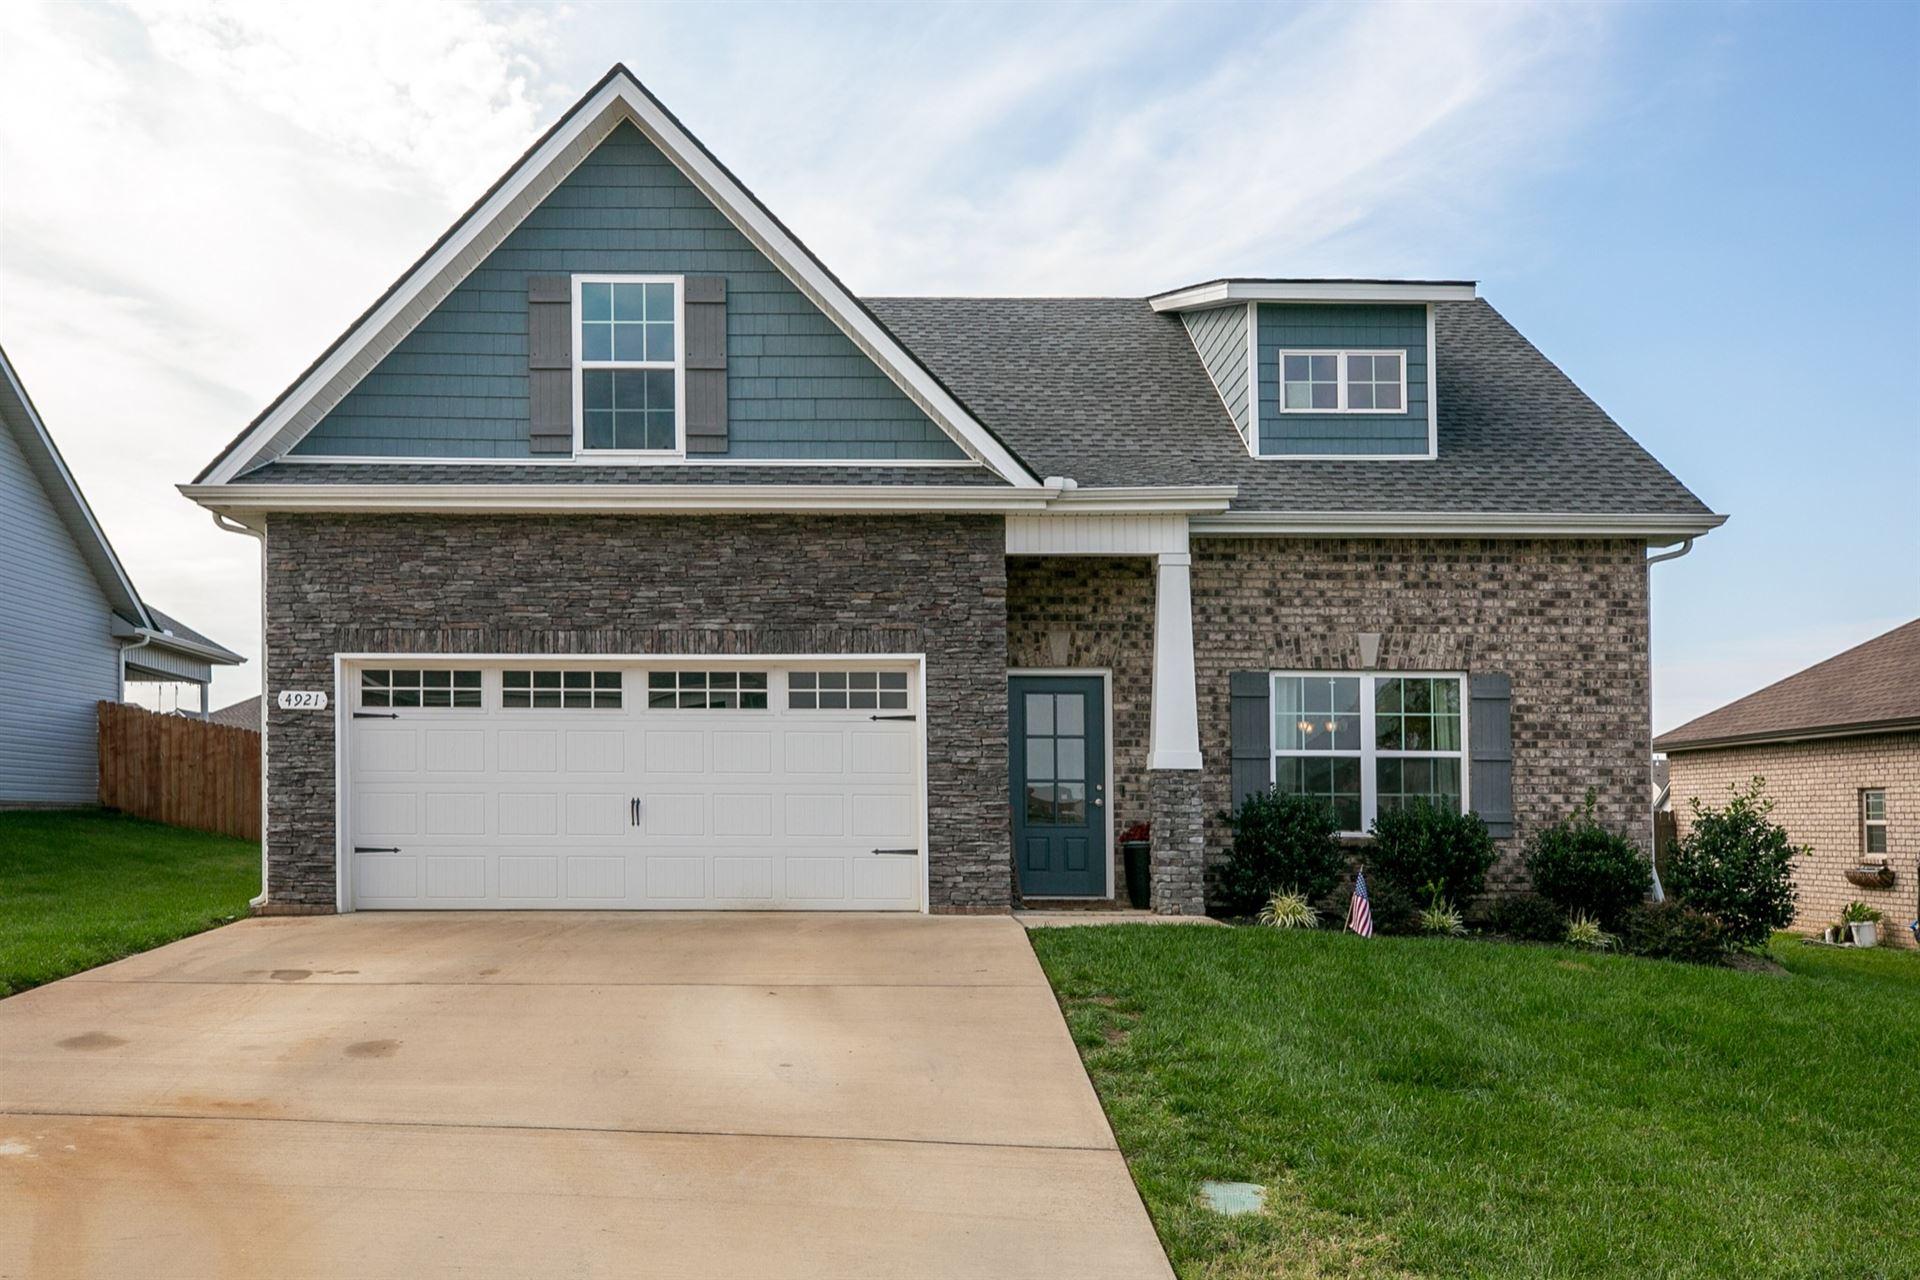 4921 Beryl Drive, Murfreesboro, TN 37128 - MLS#: 2300491